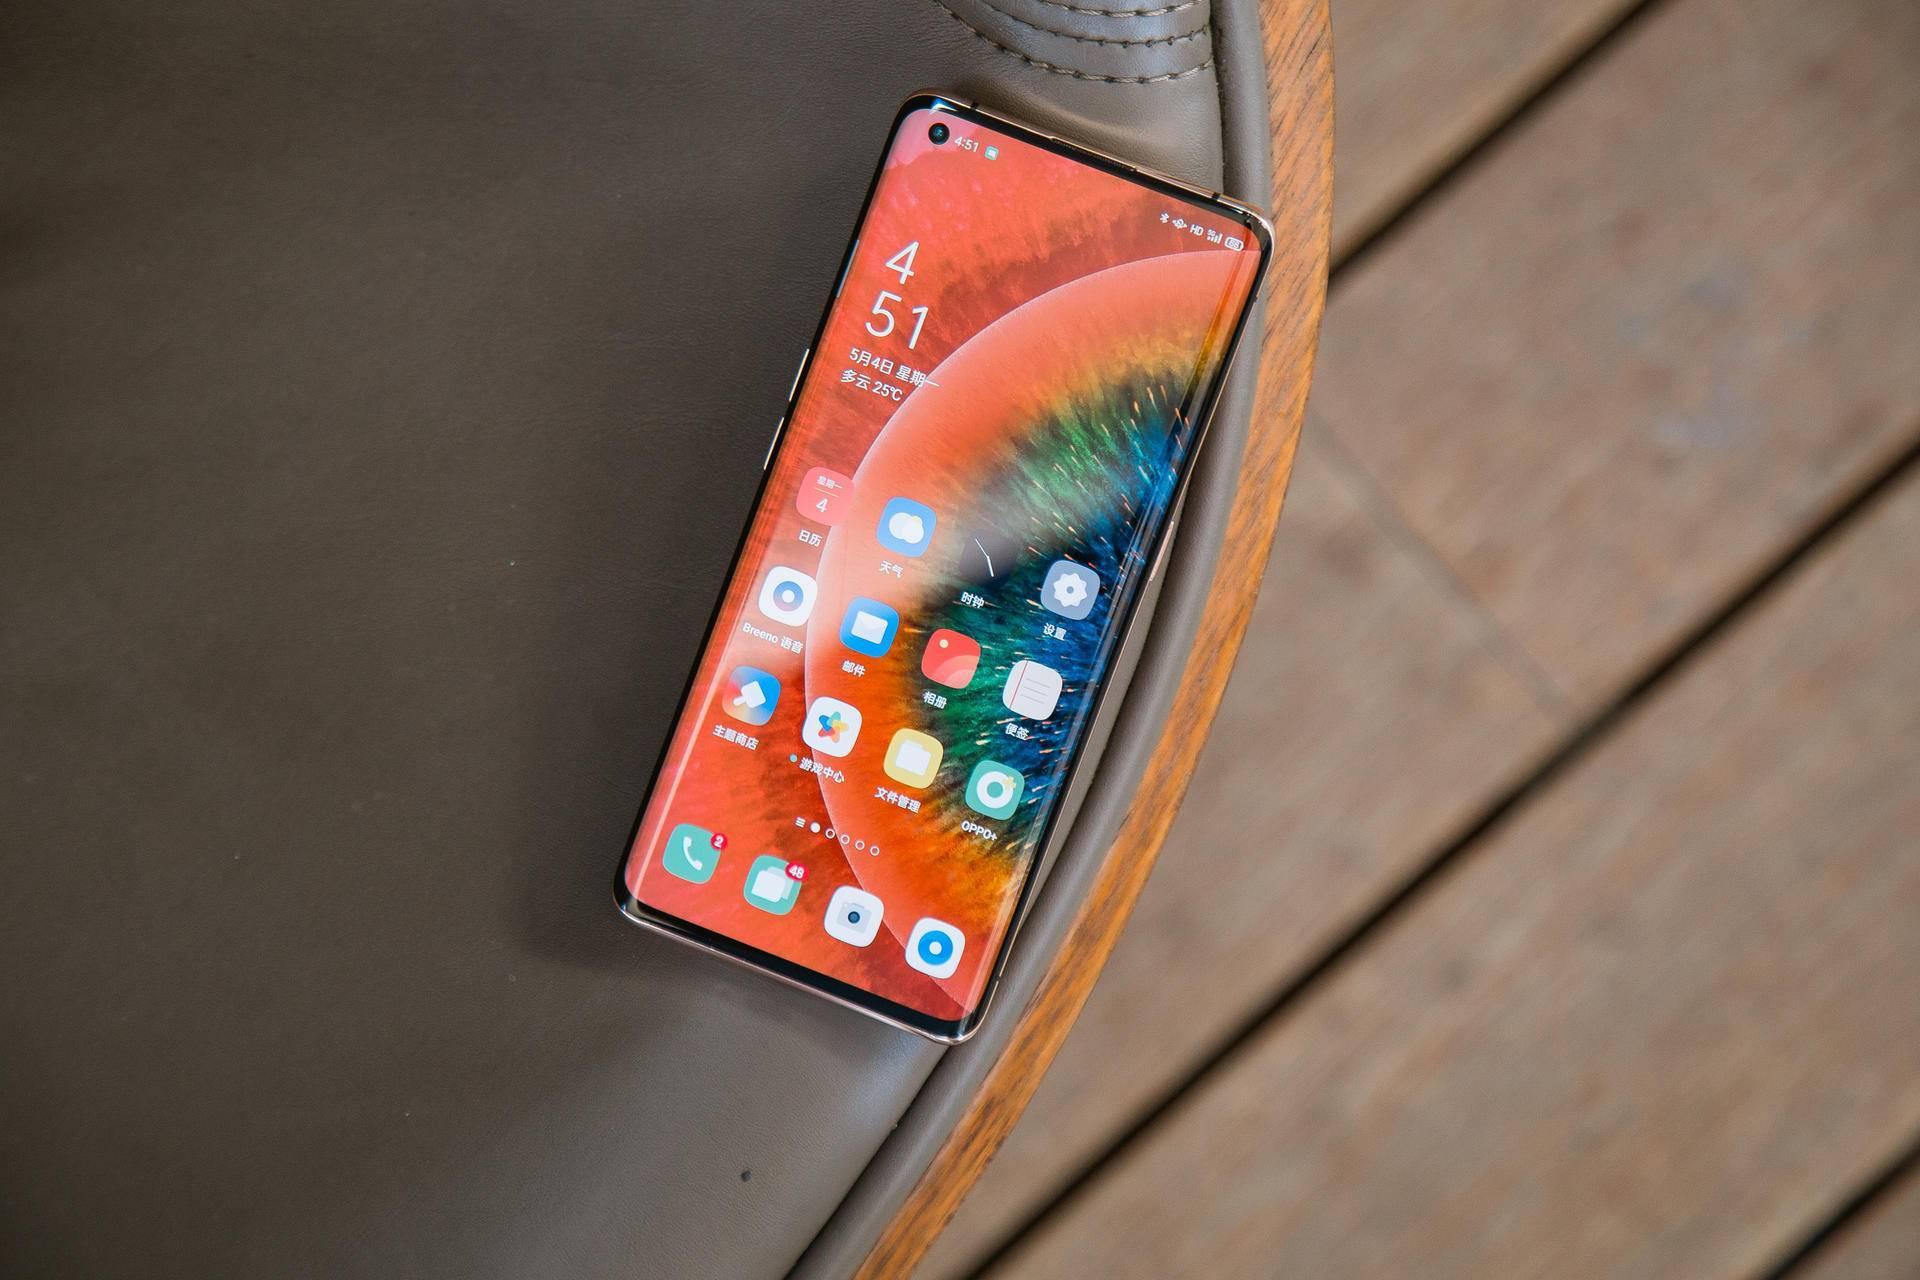 目前买什么手机比较好(现在买手机买什么品牌的好)